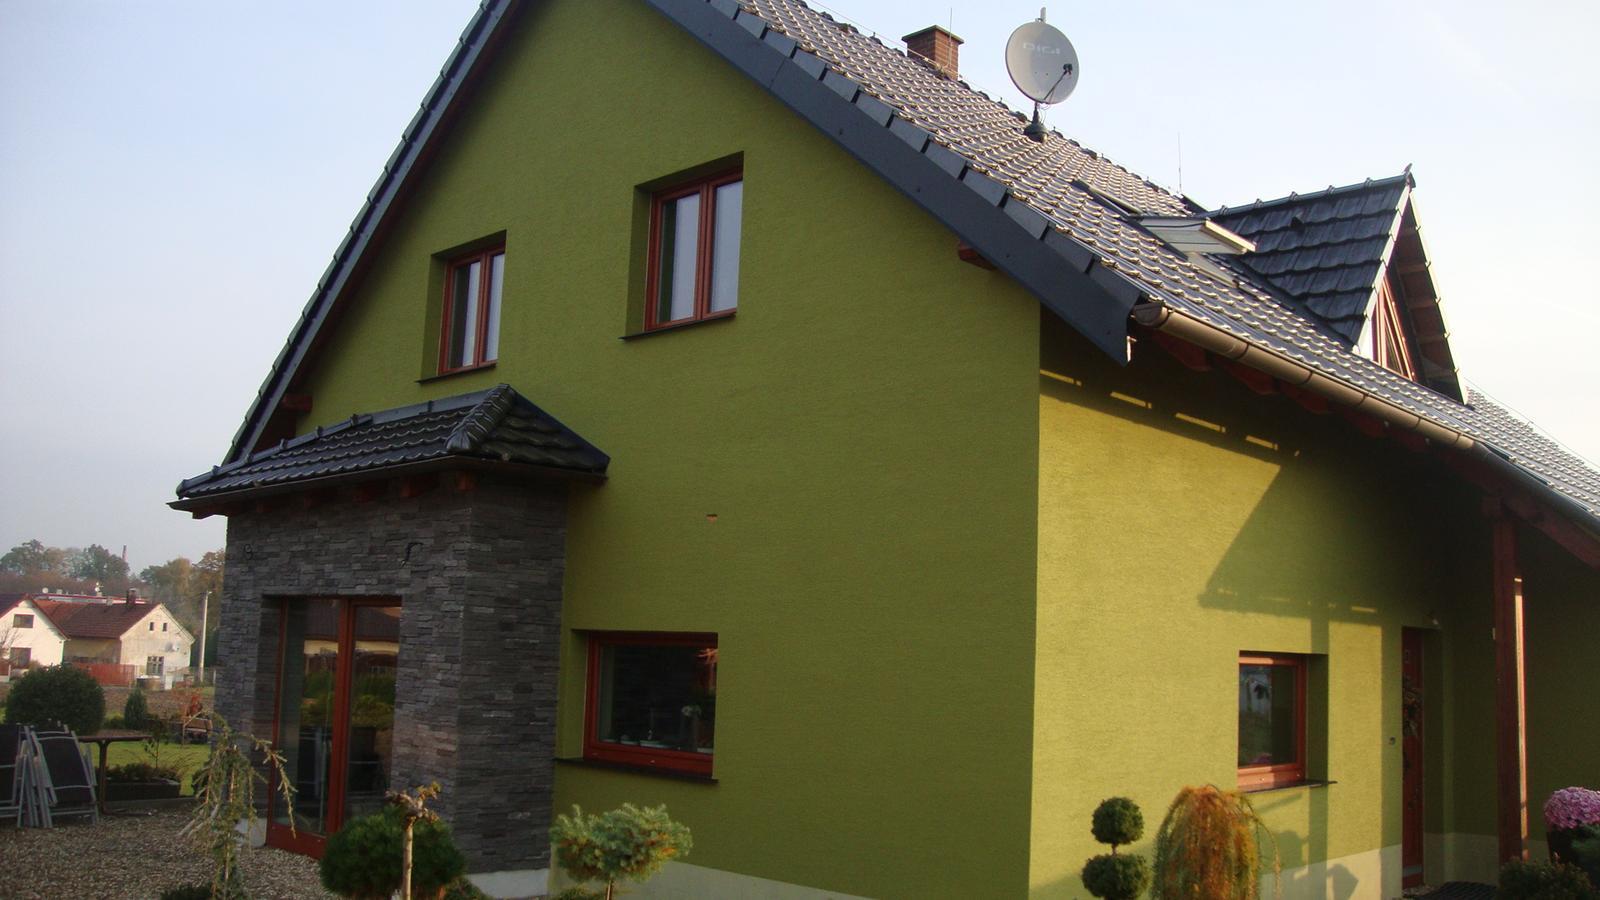 Náš domeček - Fasada dokončena:-)